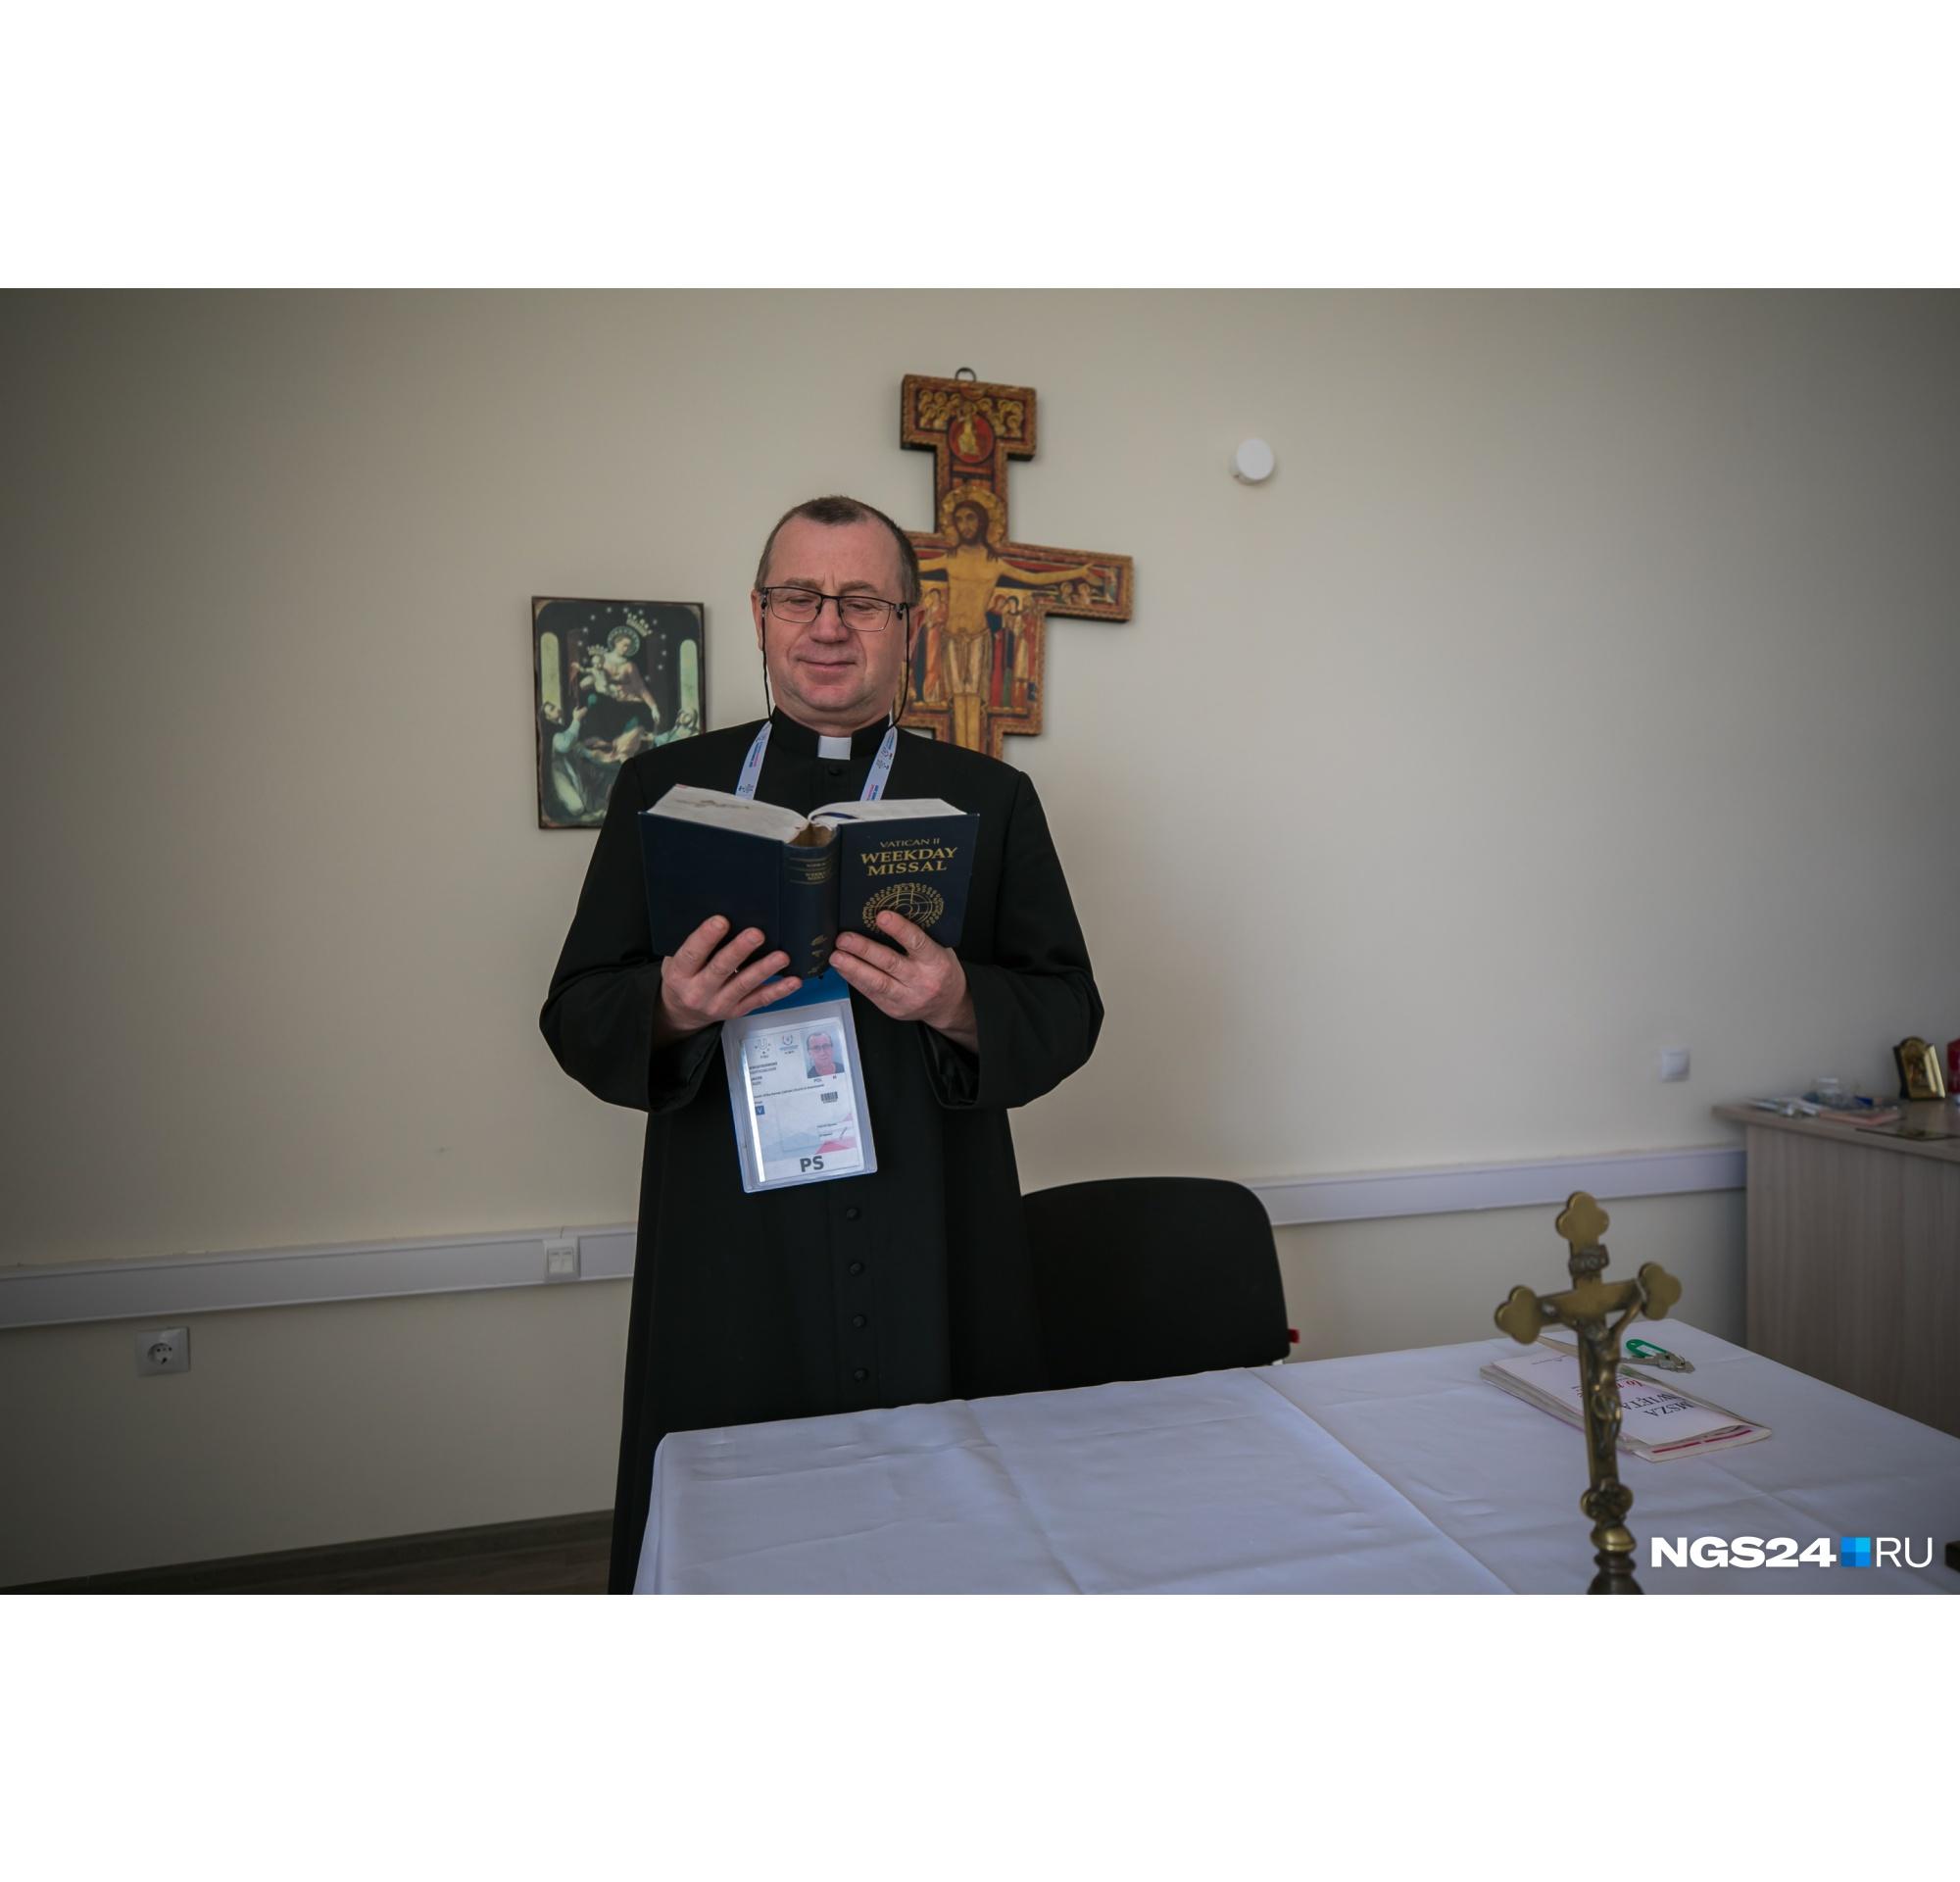 Комната Римской католической церкви